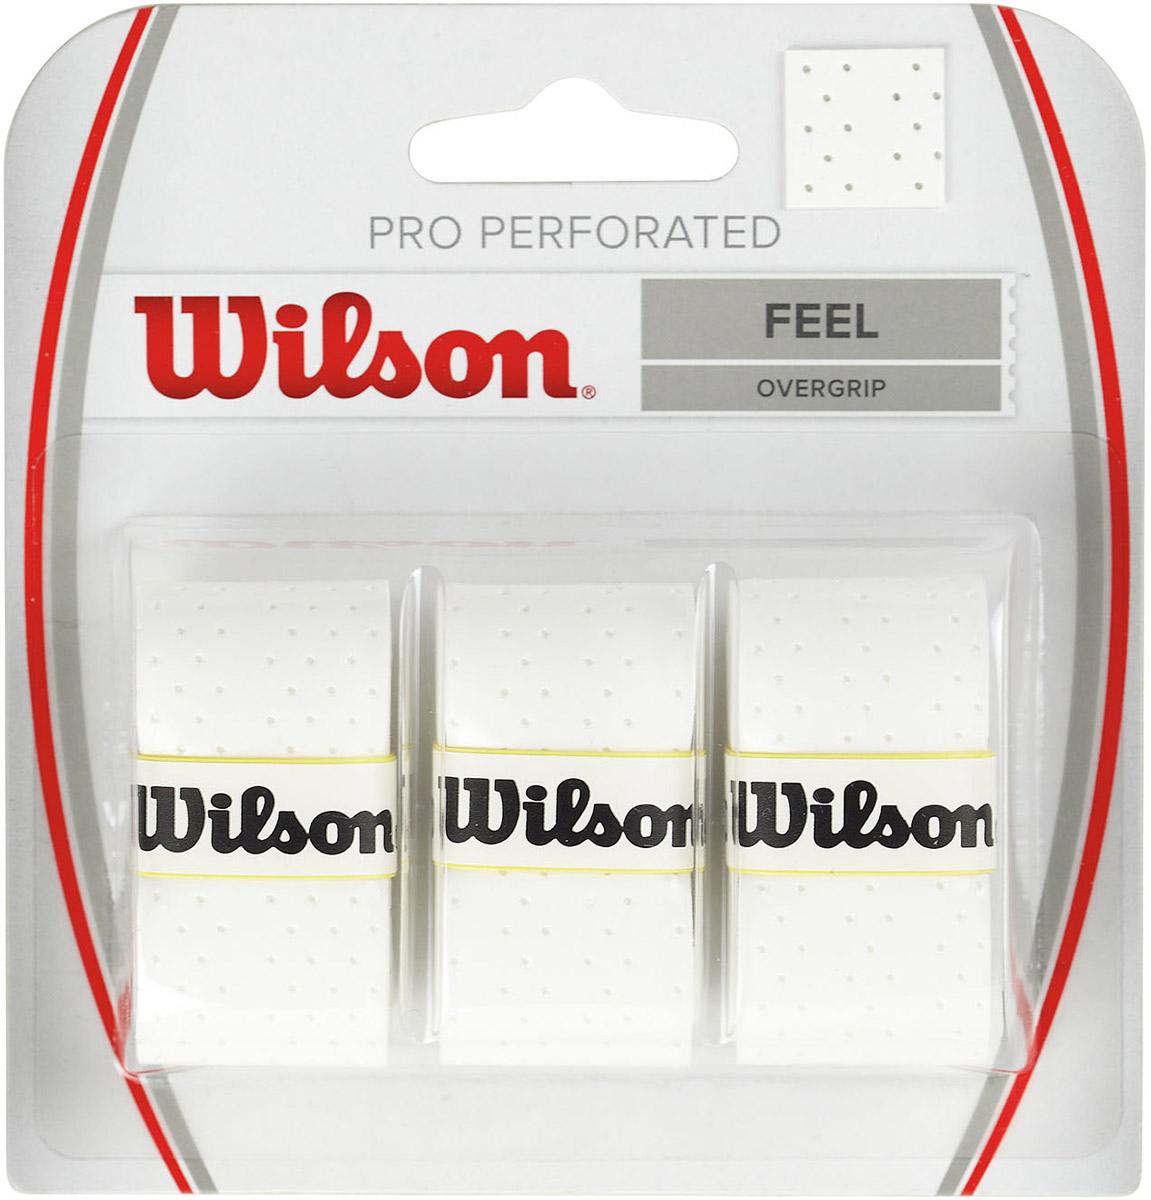 """Намотка Wilson """"Pro Perforated"""" - это самый популярный продукт на теннисном рынке, выбор профессионалов. Предназначена для намотки рукоятки теннисной ракетки. Перфорация позволяет увеличить максимальное поглощение влаги."""